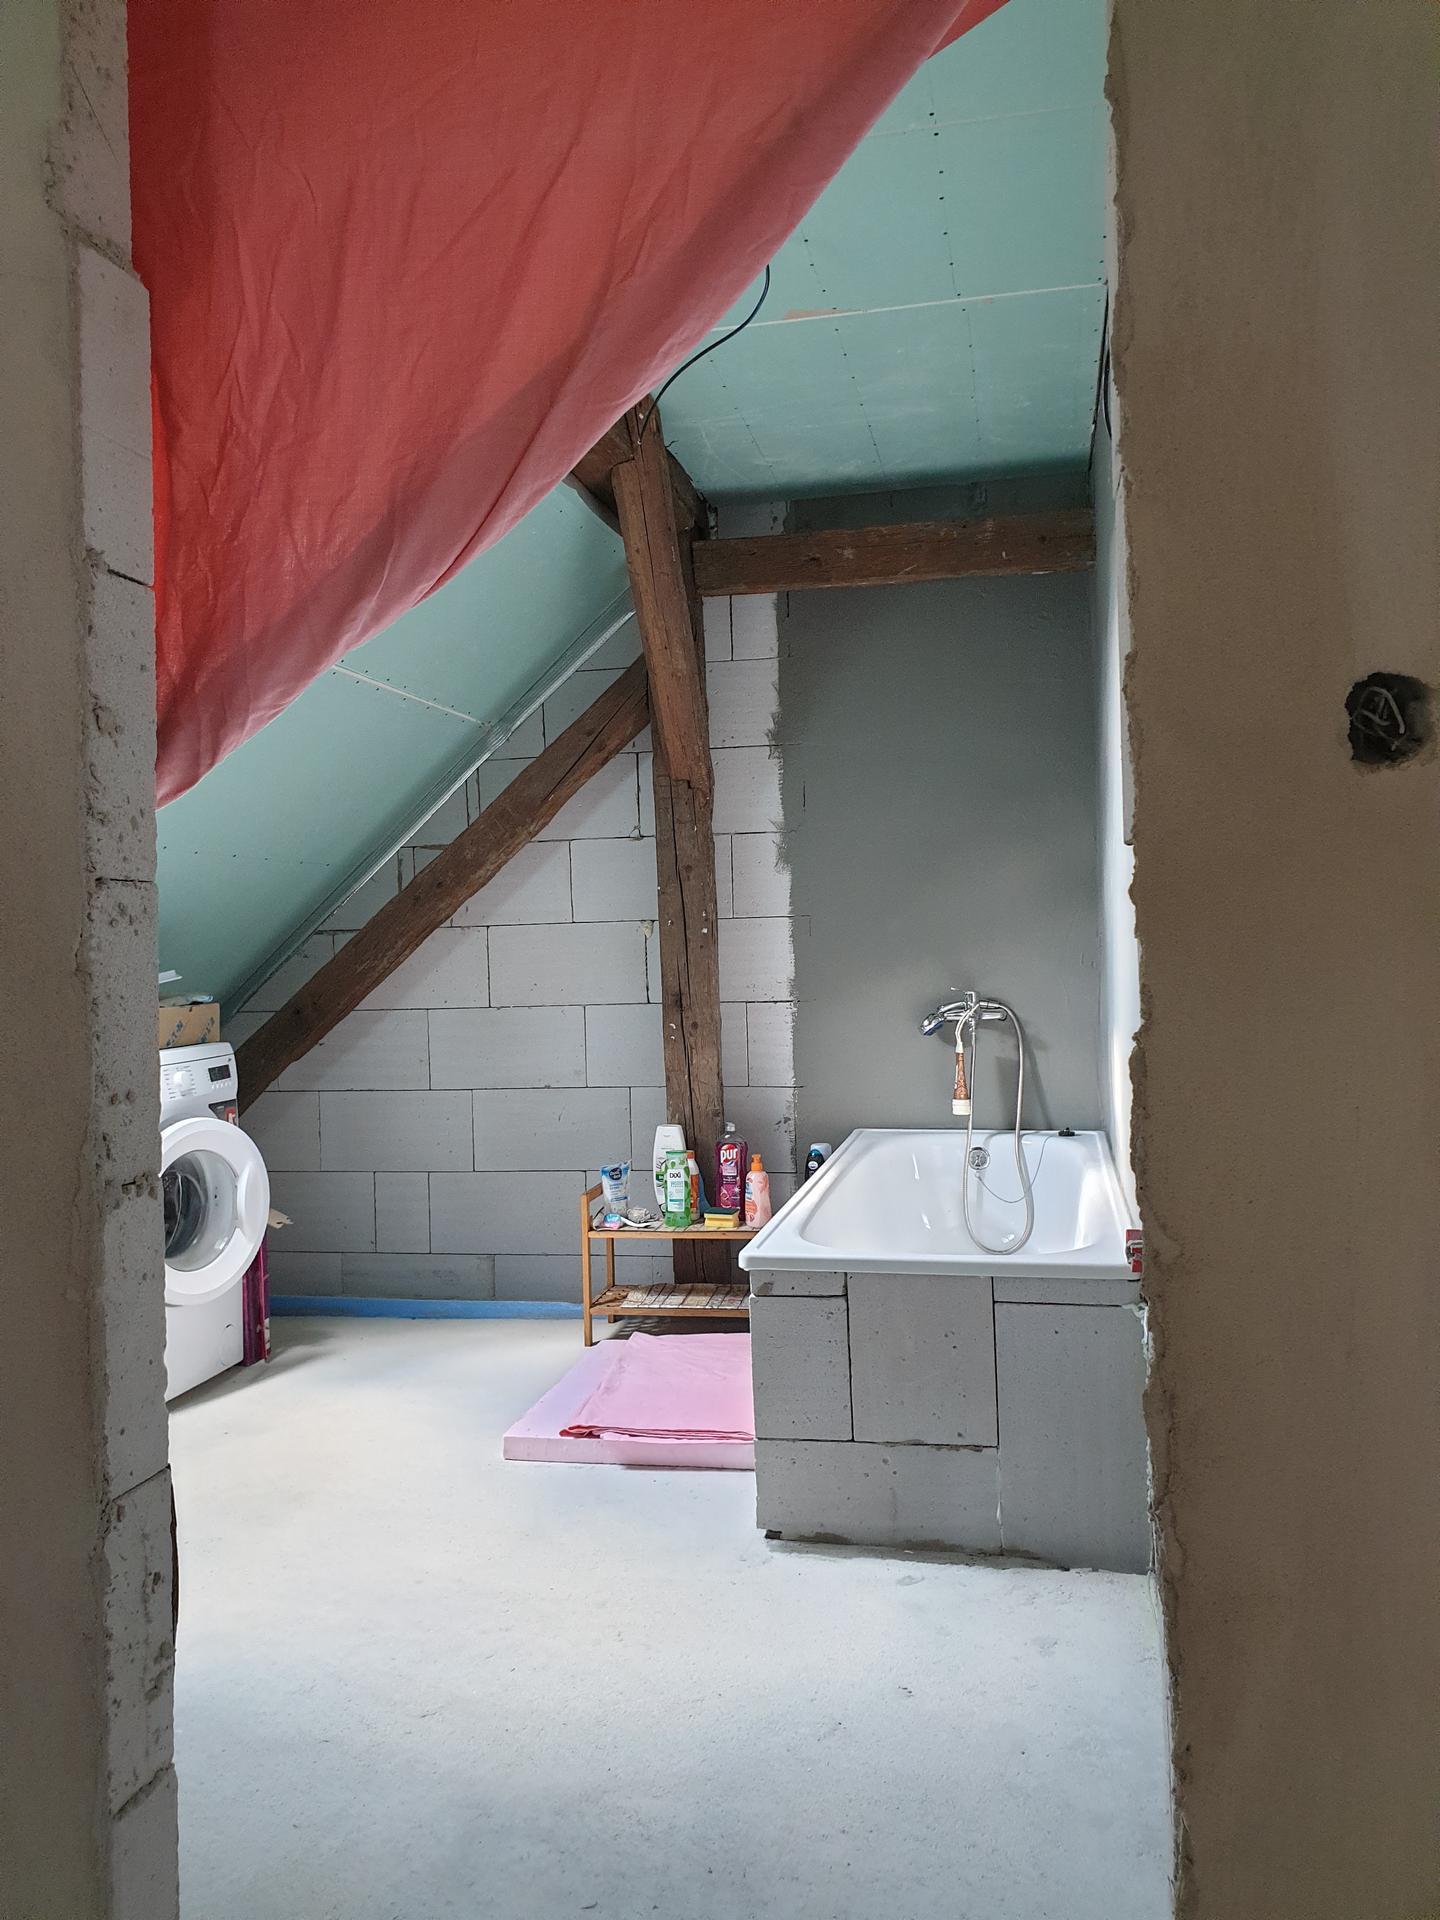 Rekonštrukcia domu-alebo chceme si splniť sen =》🏠🌻🌼🐶  mat domcek a vratit sa na Slovensko - Nová kúpeľňa 😂🥰